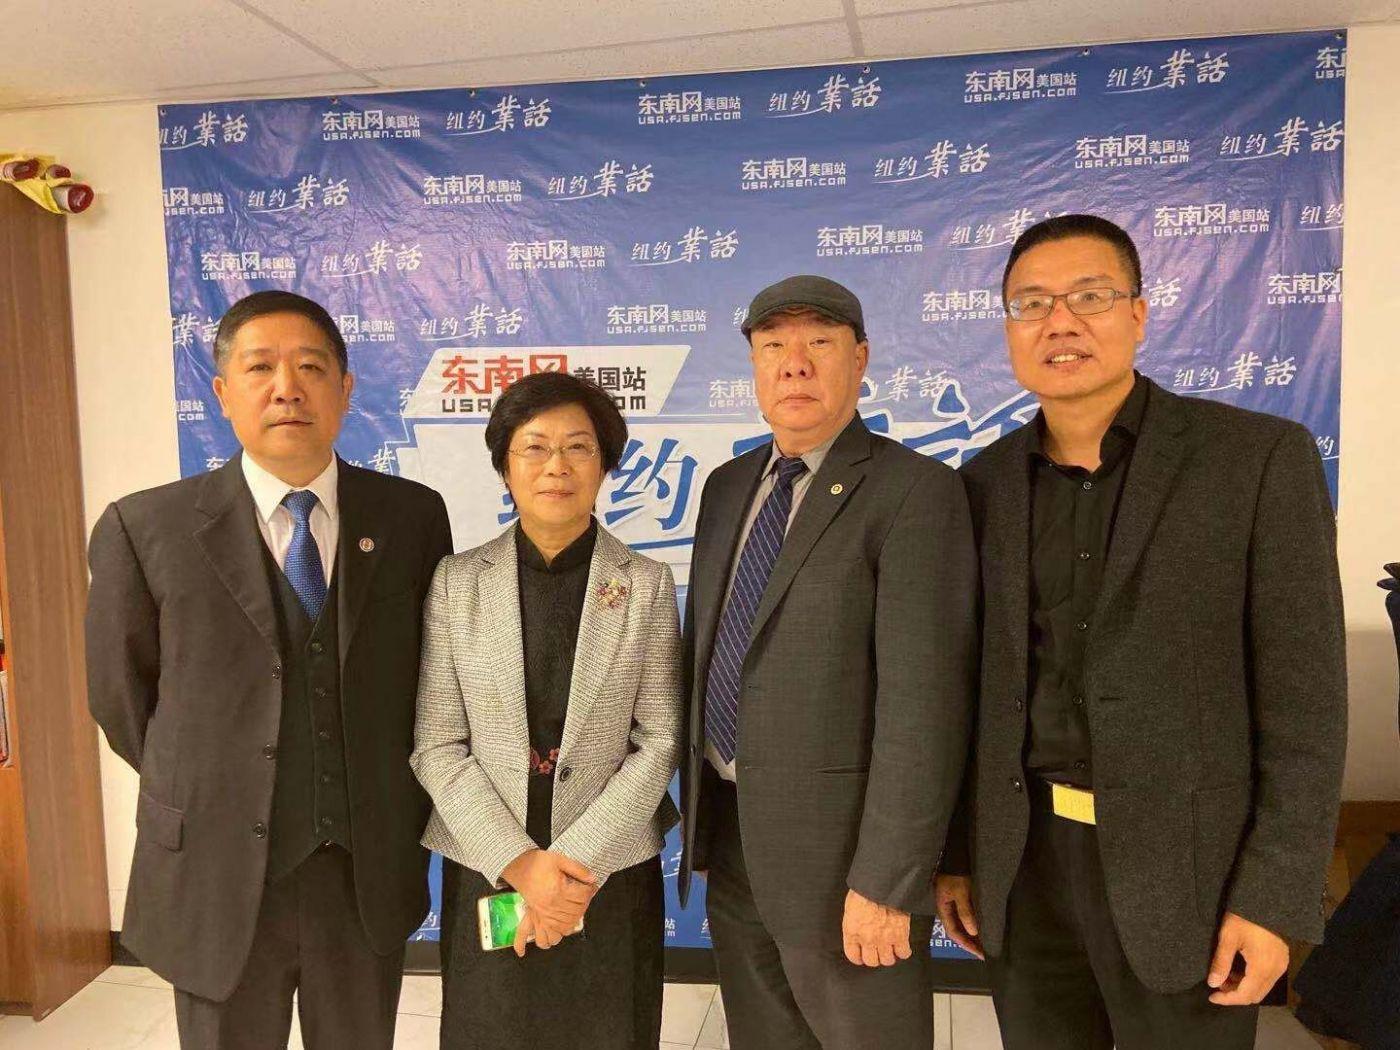 美国福建华人联合会欢迎福州市侨联主席蓝桂兰访美代表团一行 ... ..._图1-23